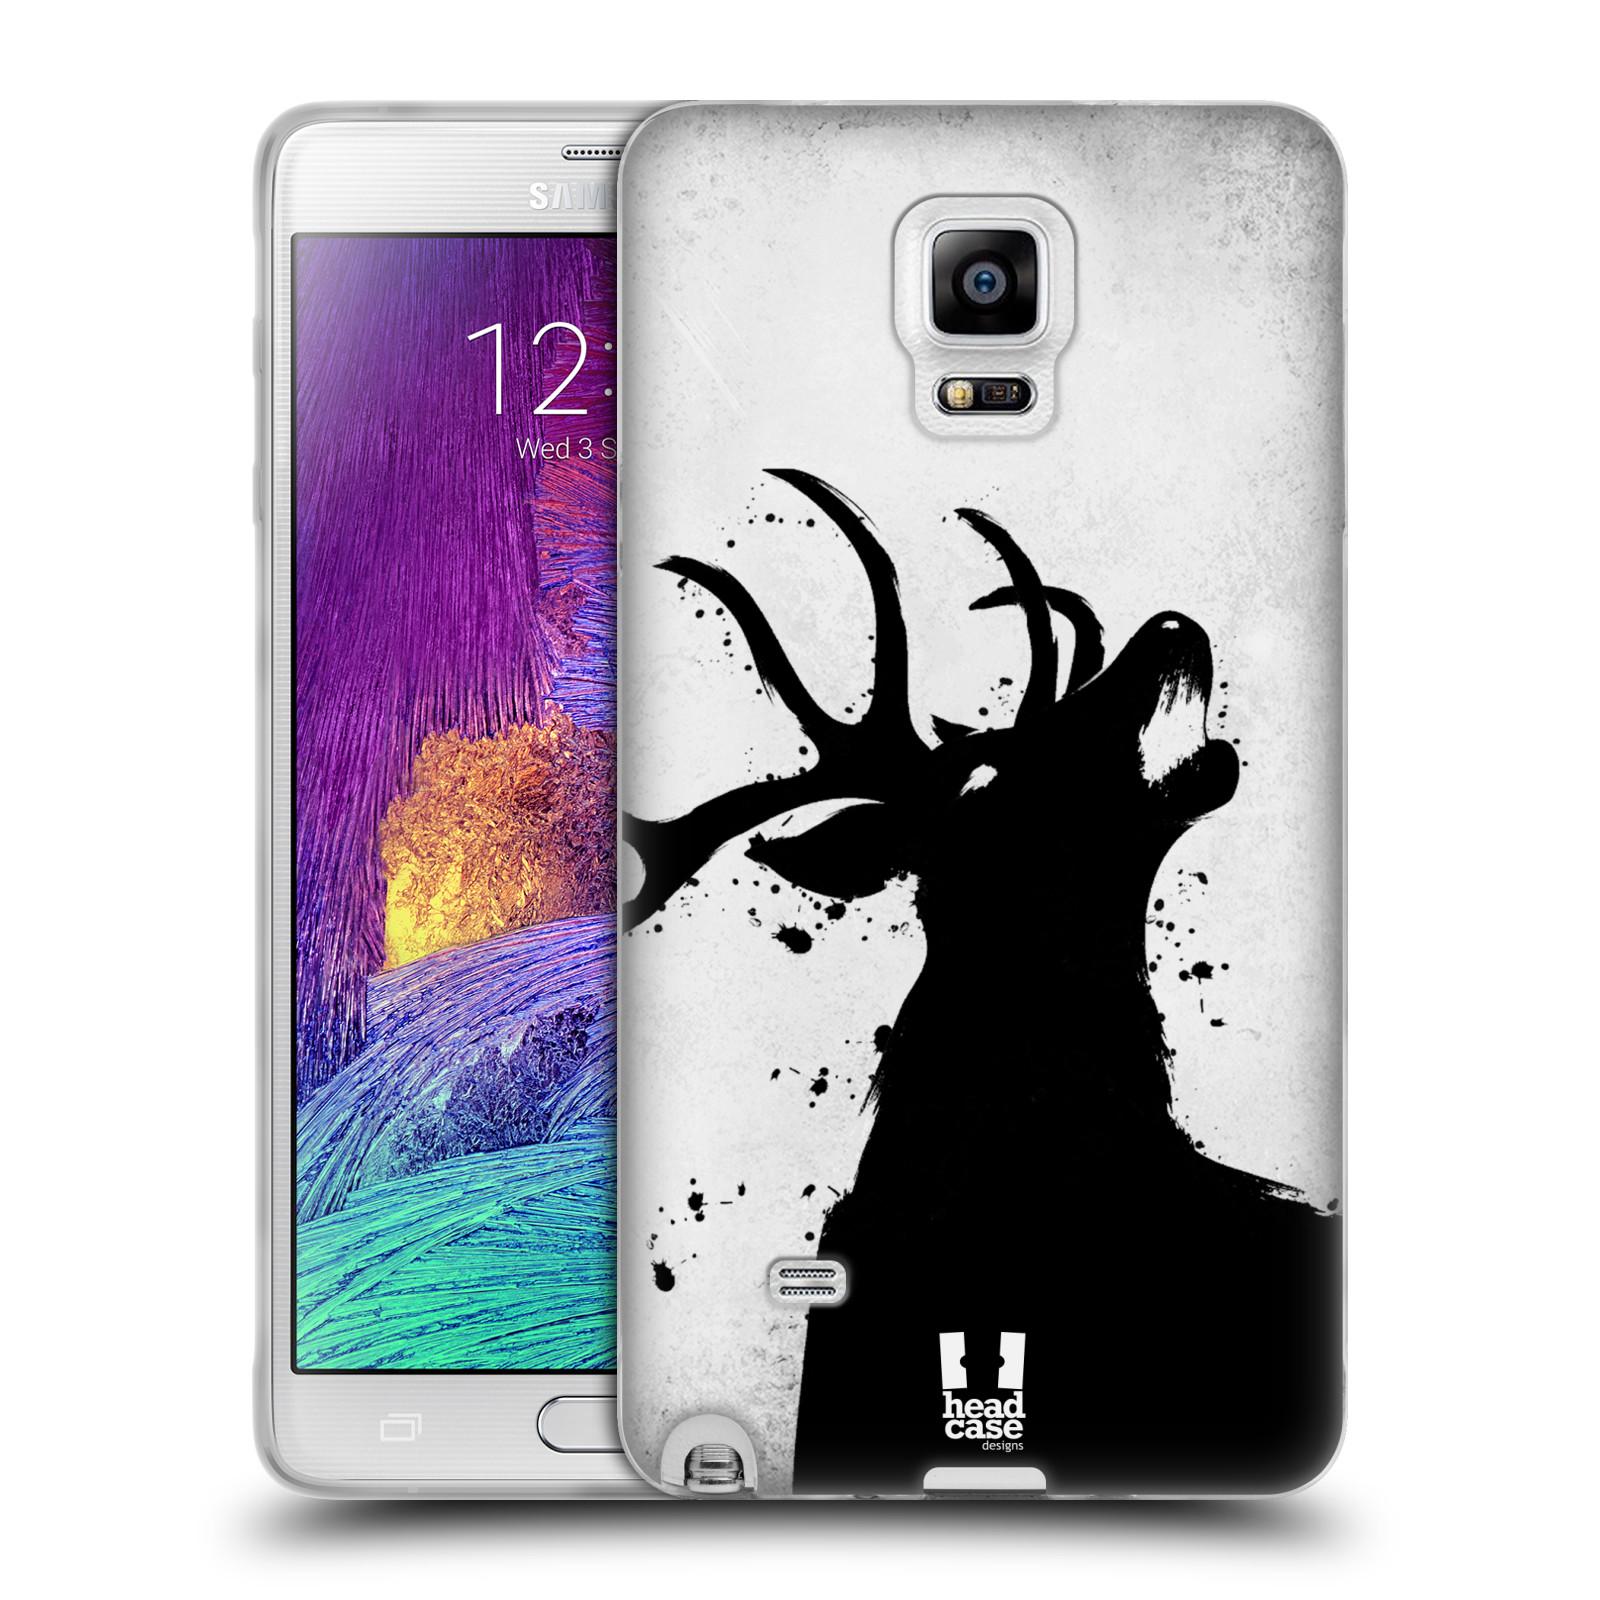 HEAD CASE silikonový obal na mobil Samsung Galaxy Note 4 (N910) vzor Kresba tuš zvíře jelen